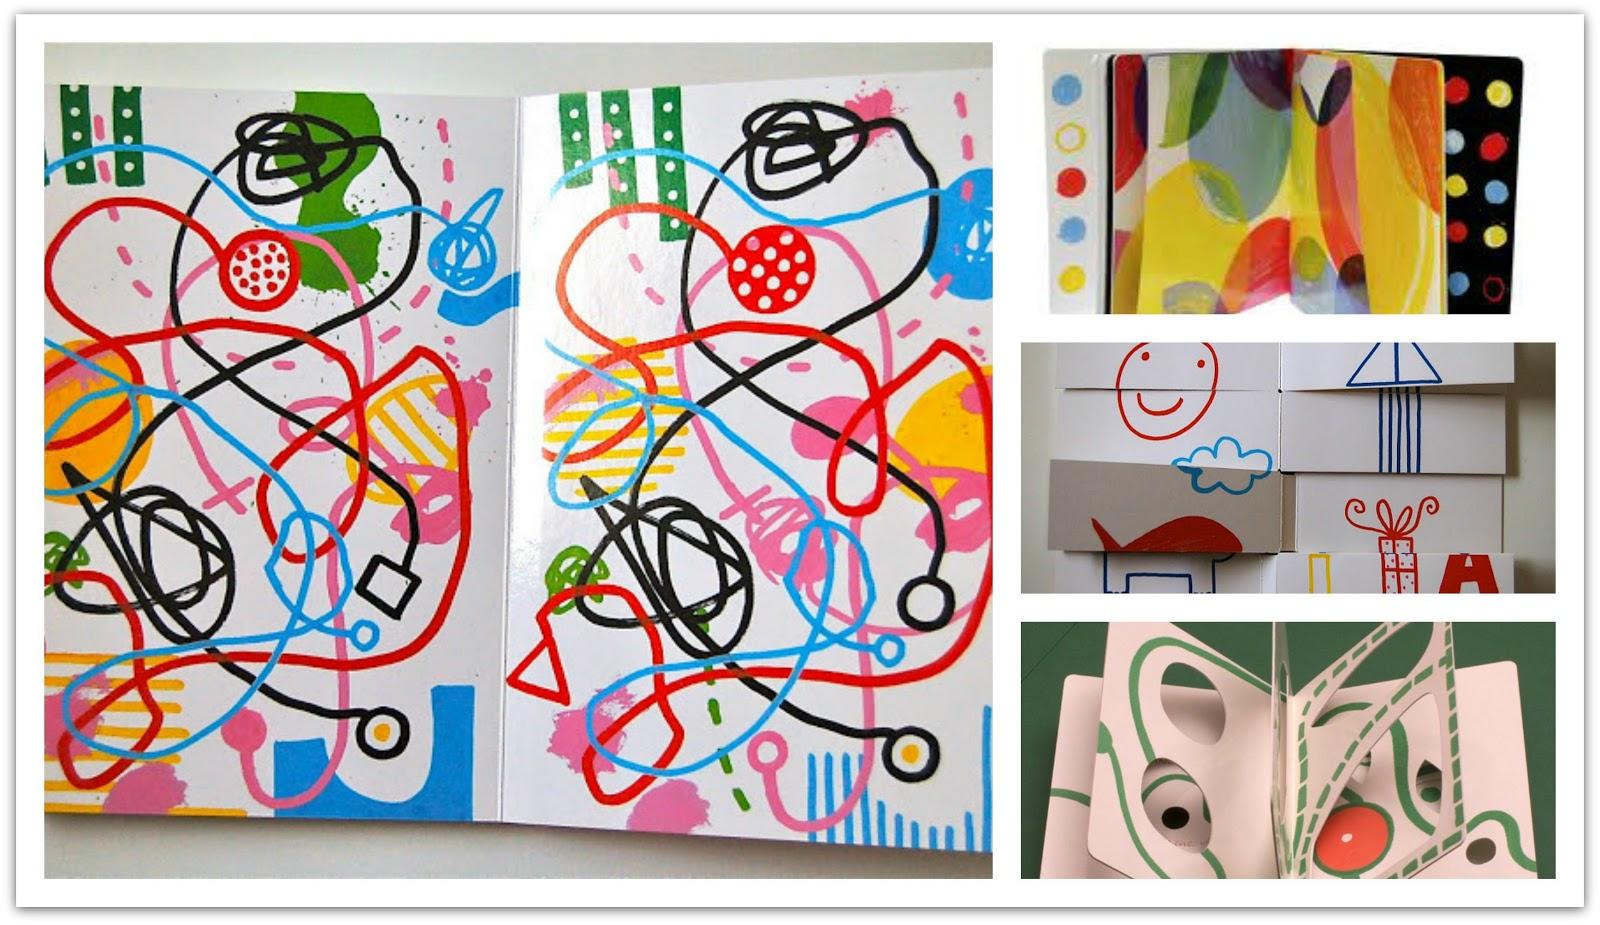 Boeken van Hervé Tullet